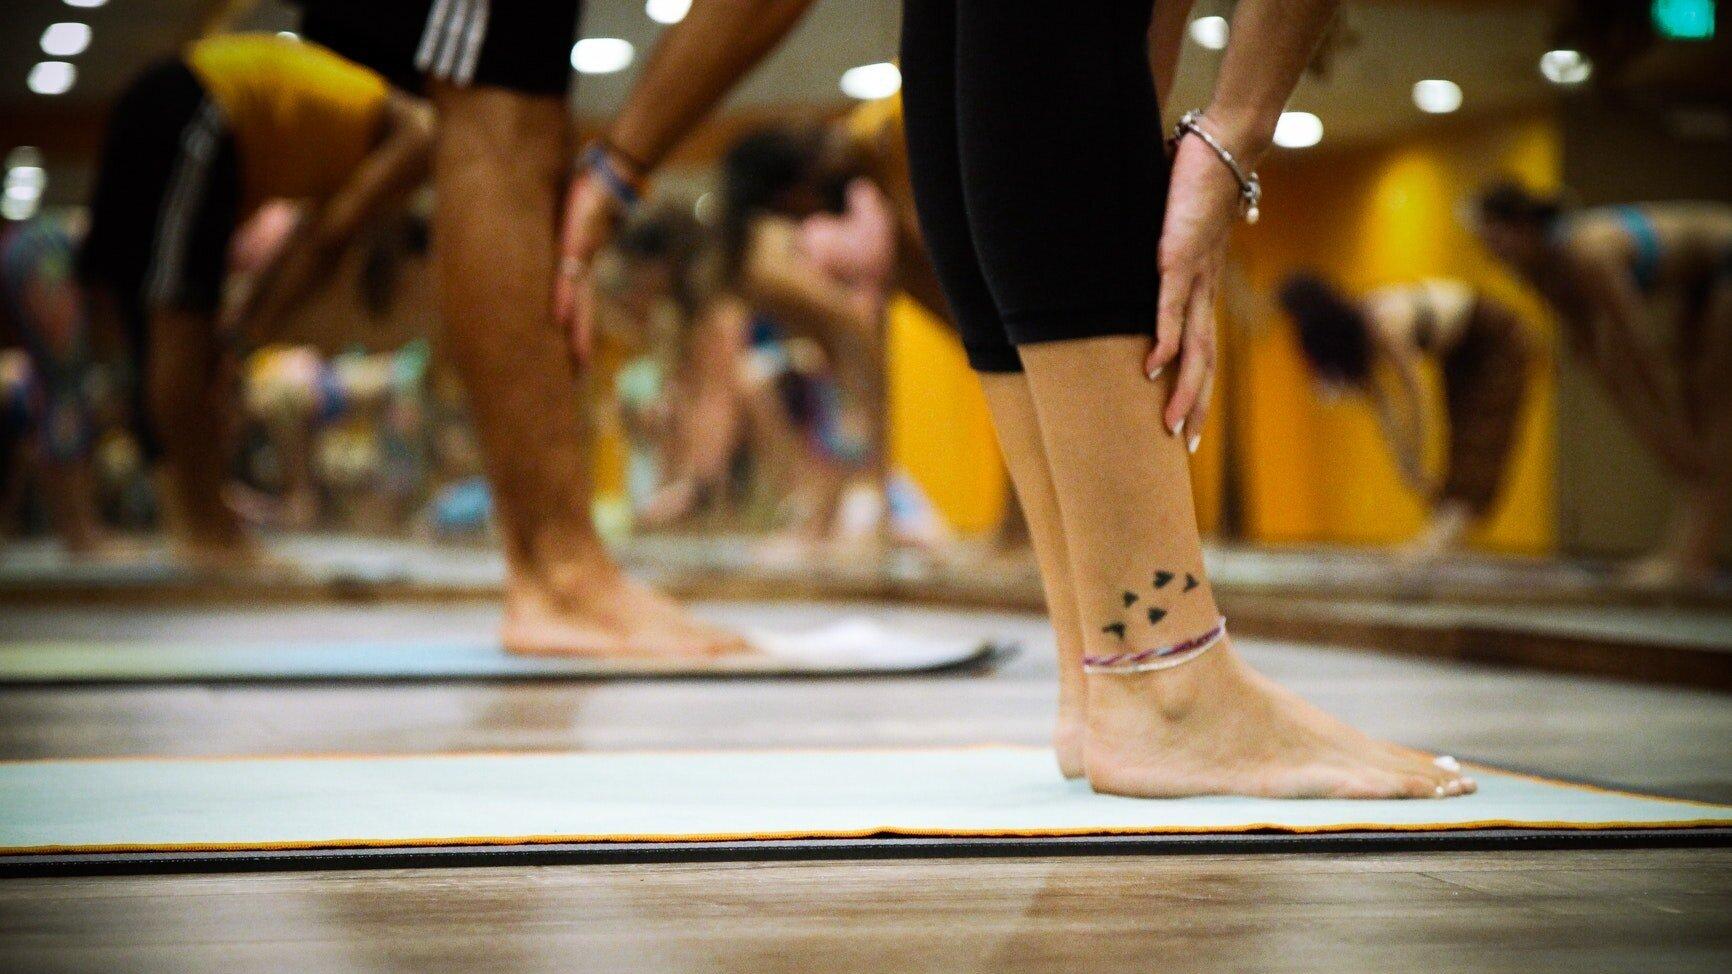 feet-fitness-indoors-yoag-room-airport.jpg